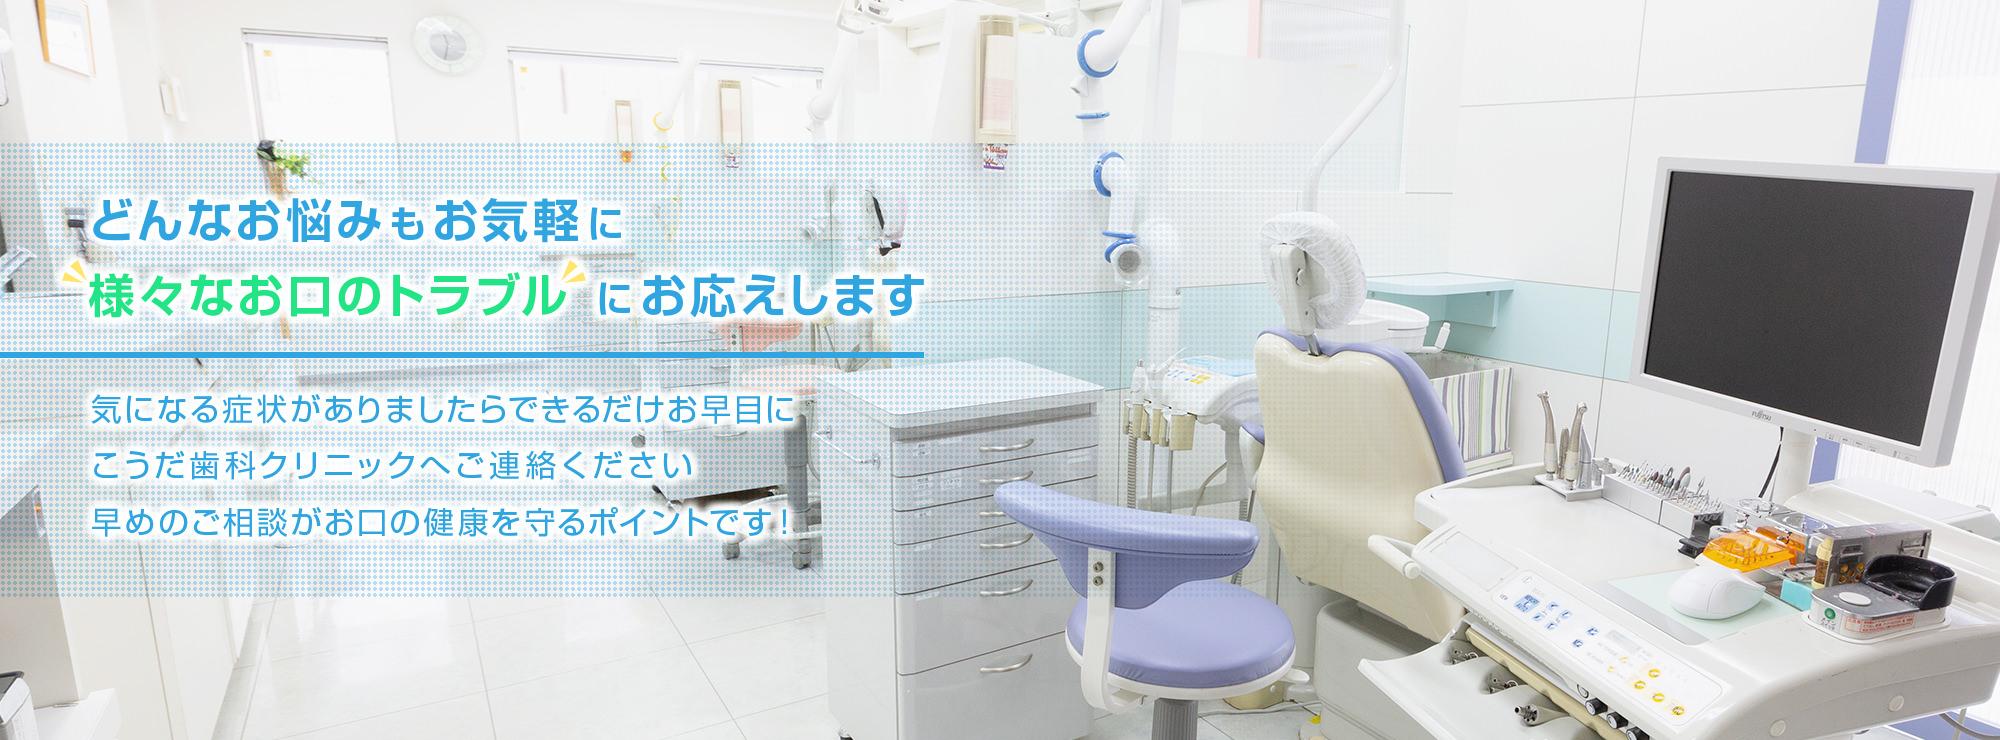 こうだ歯科クリニック